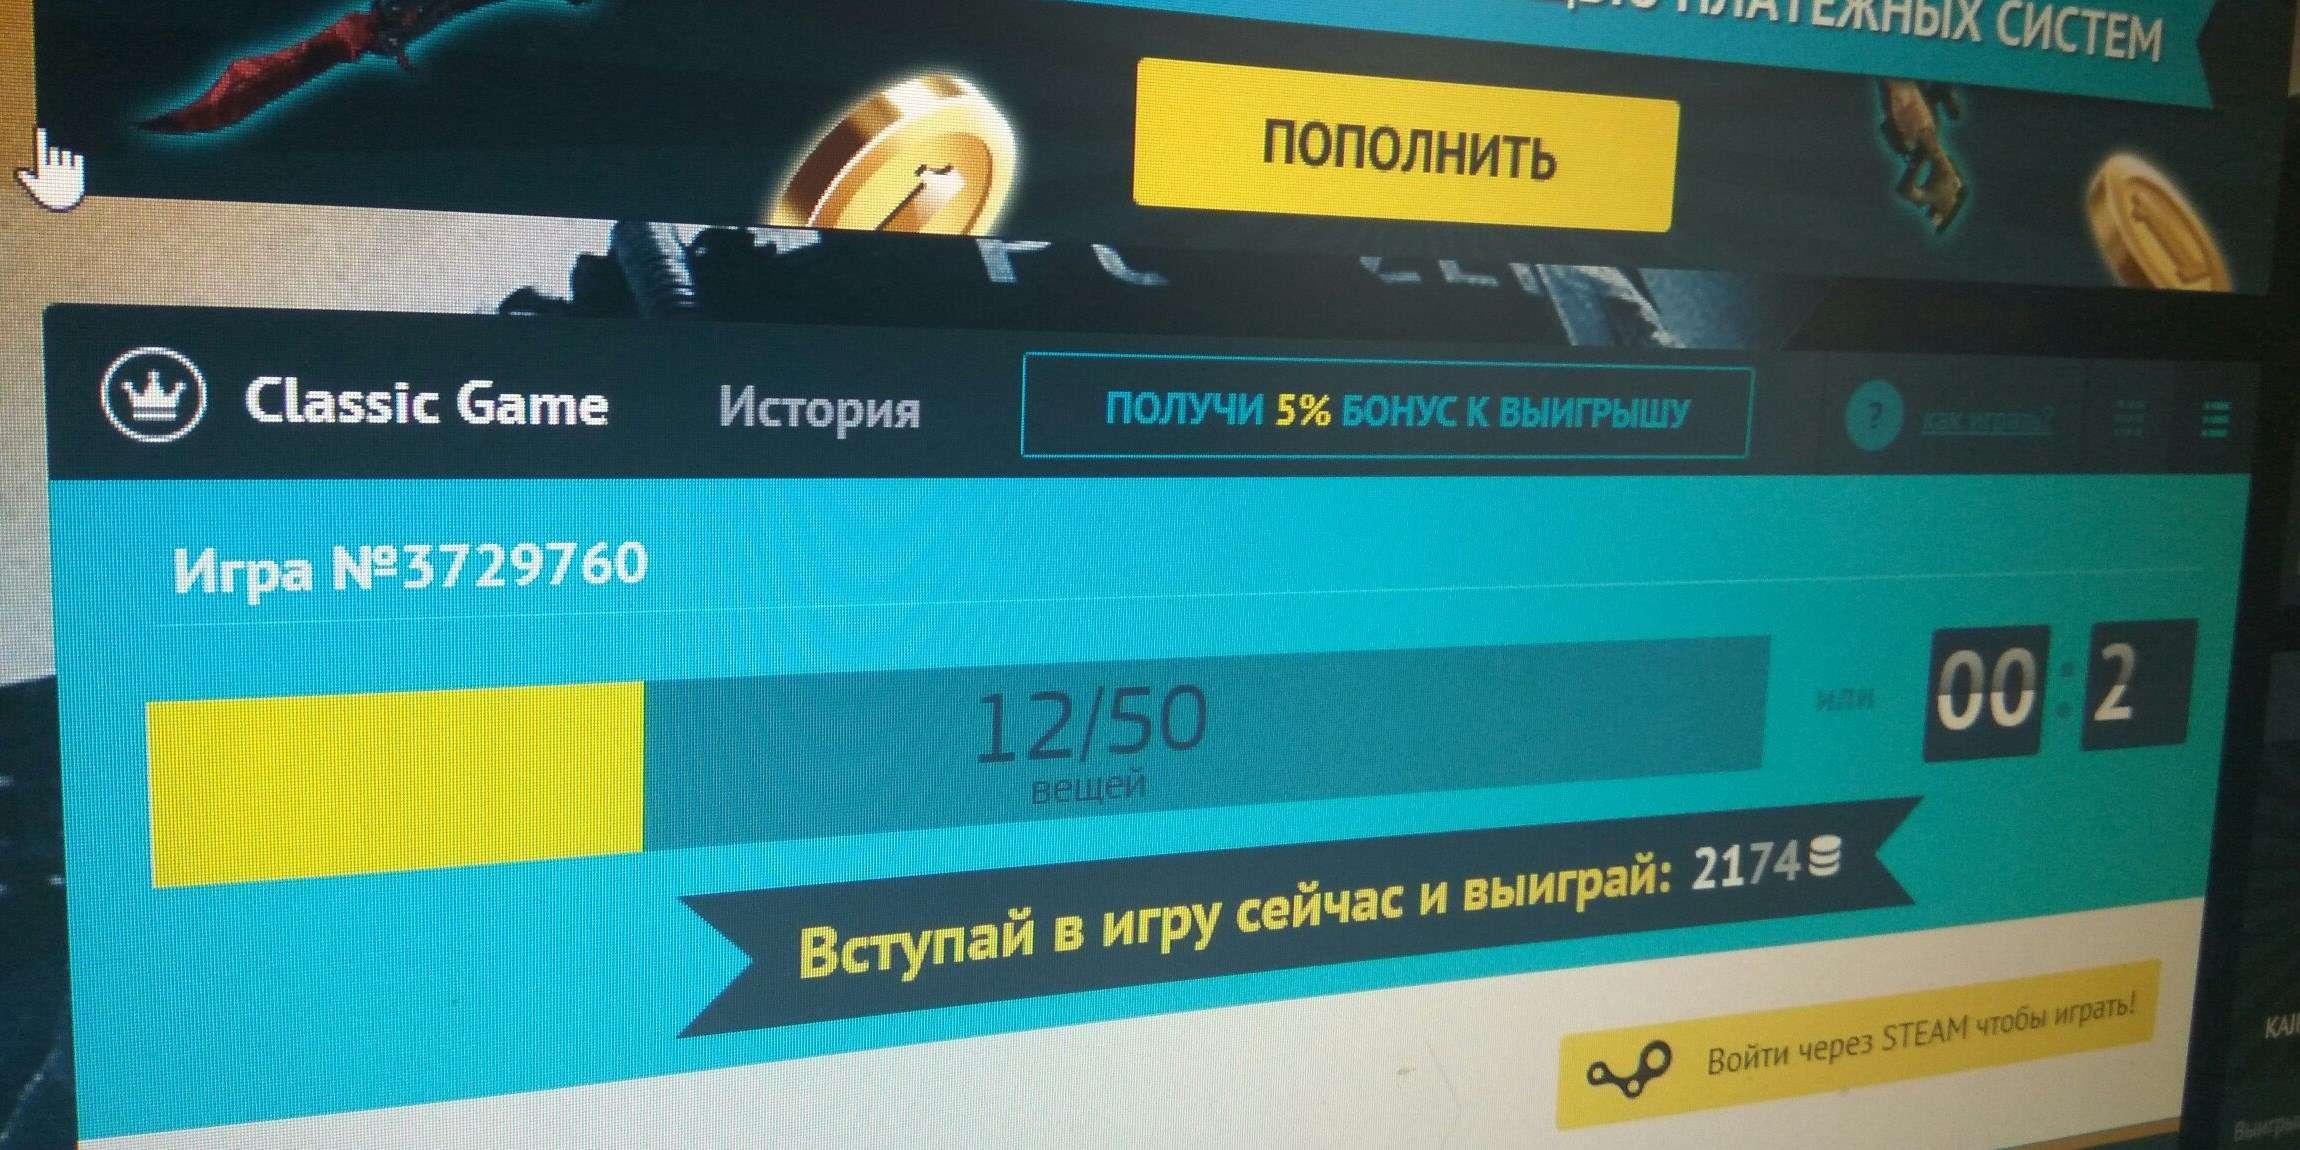 Рулетки за деньги из стима casino в интернете играть